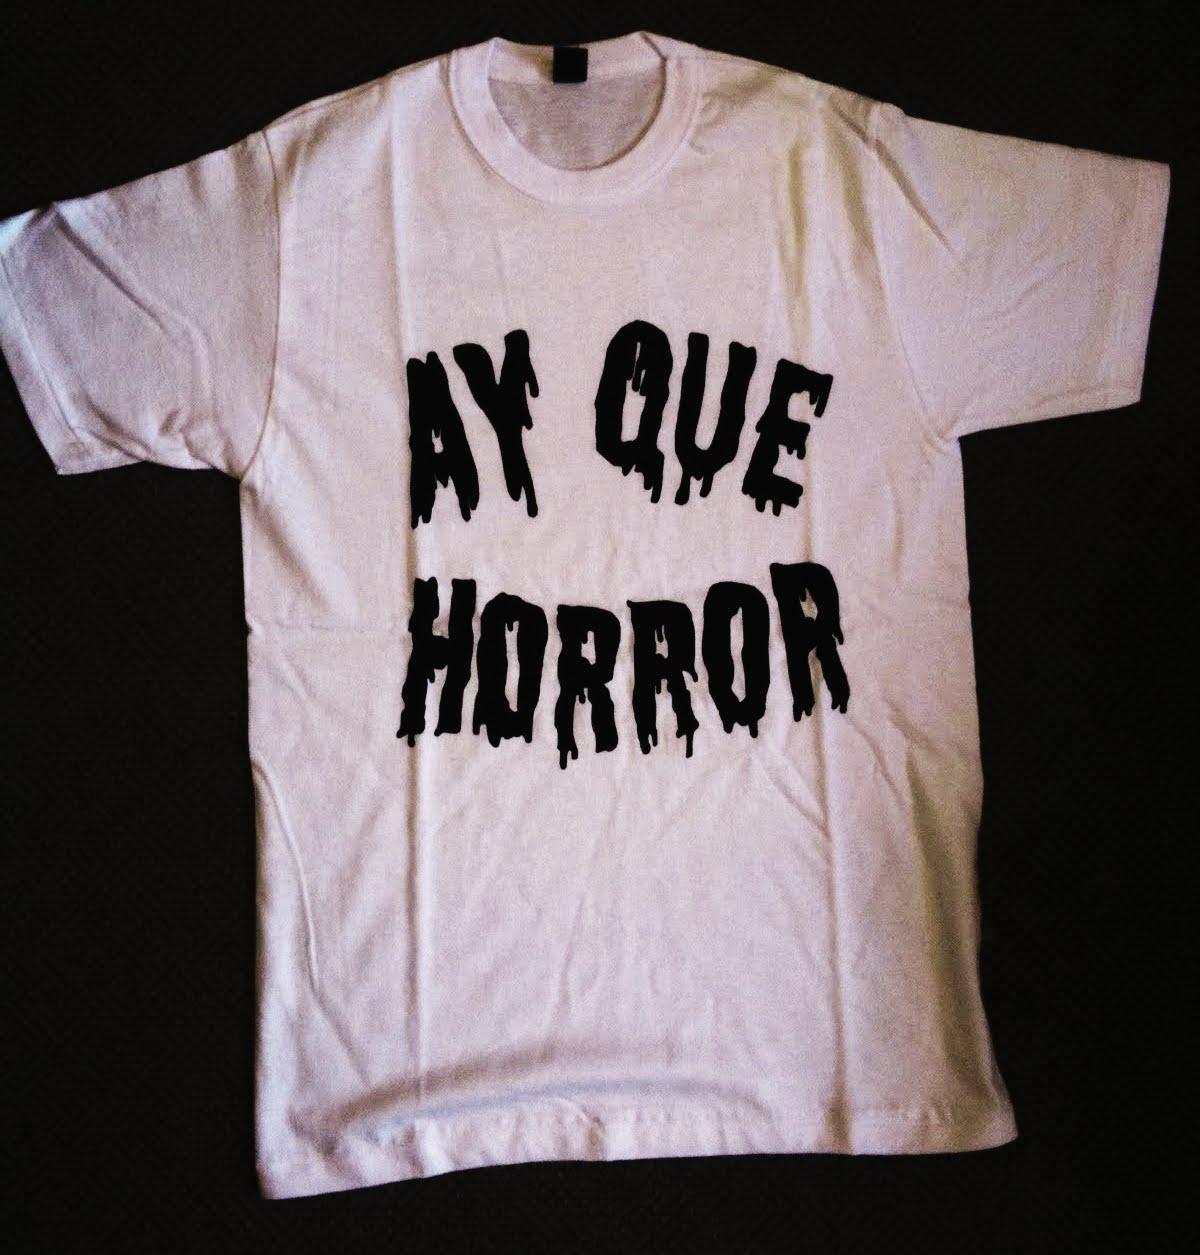 http://1.bp.blogspot.com/-LXb7goHvgeE/Tdm51MANOPI/AAAAAAAAAag/HiYNRAzbcp4/s1600/ay+que+horror.bmp